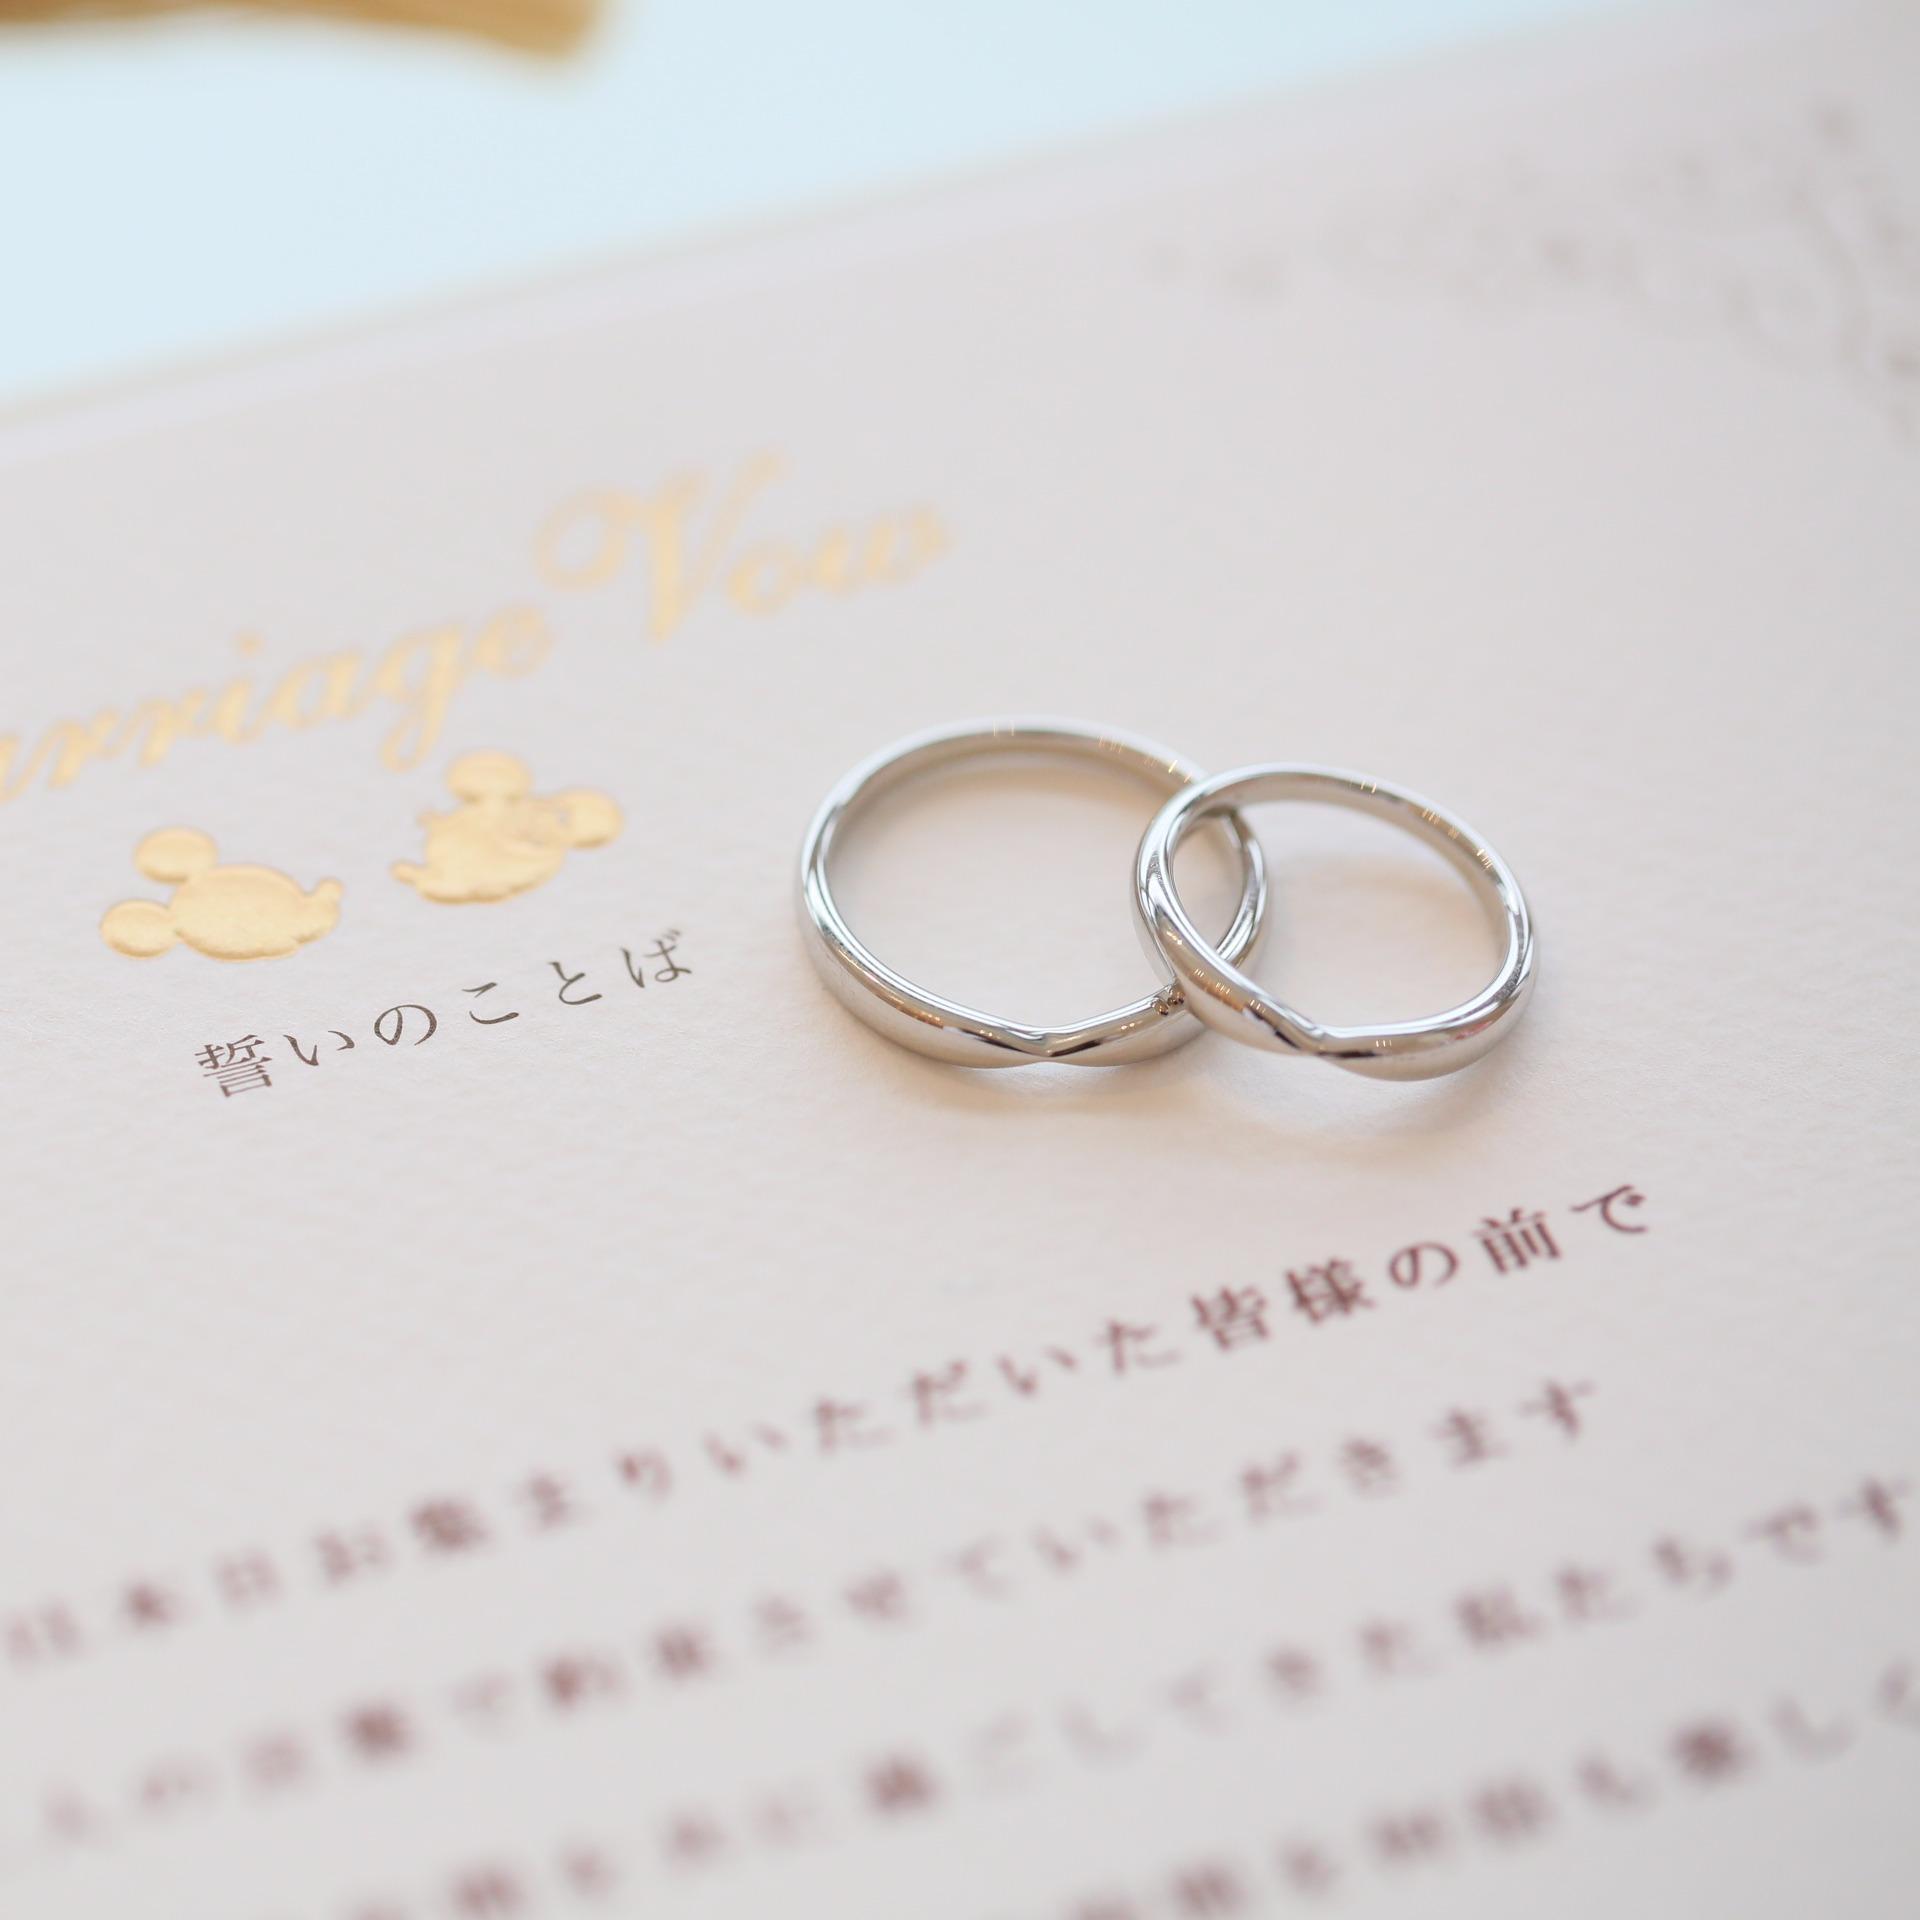 結婚式 結婚宣誓書 人前式